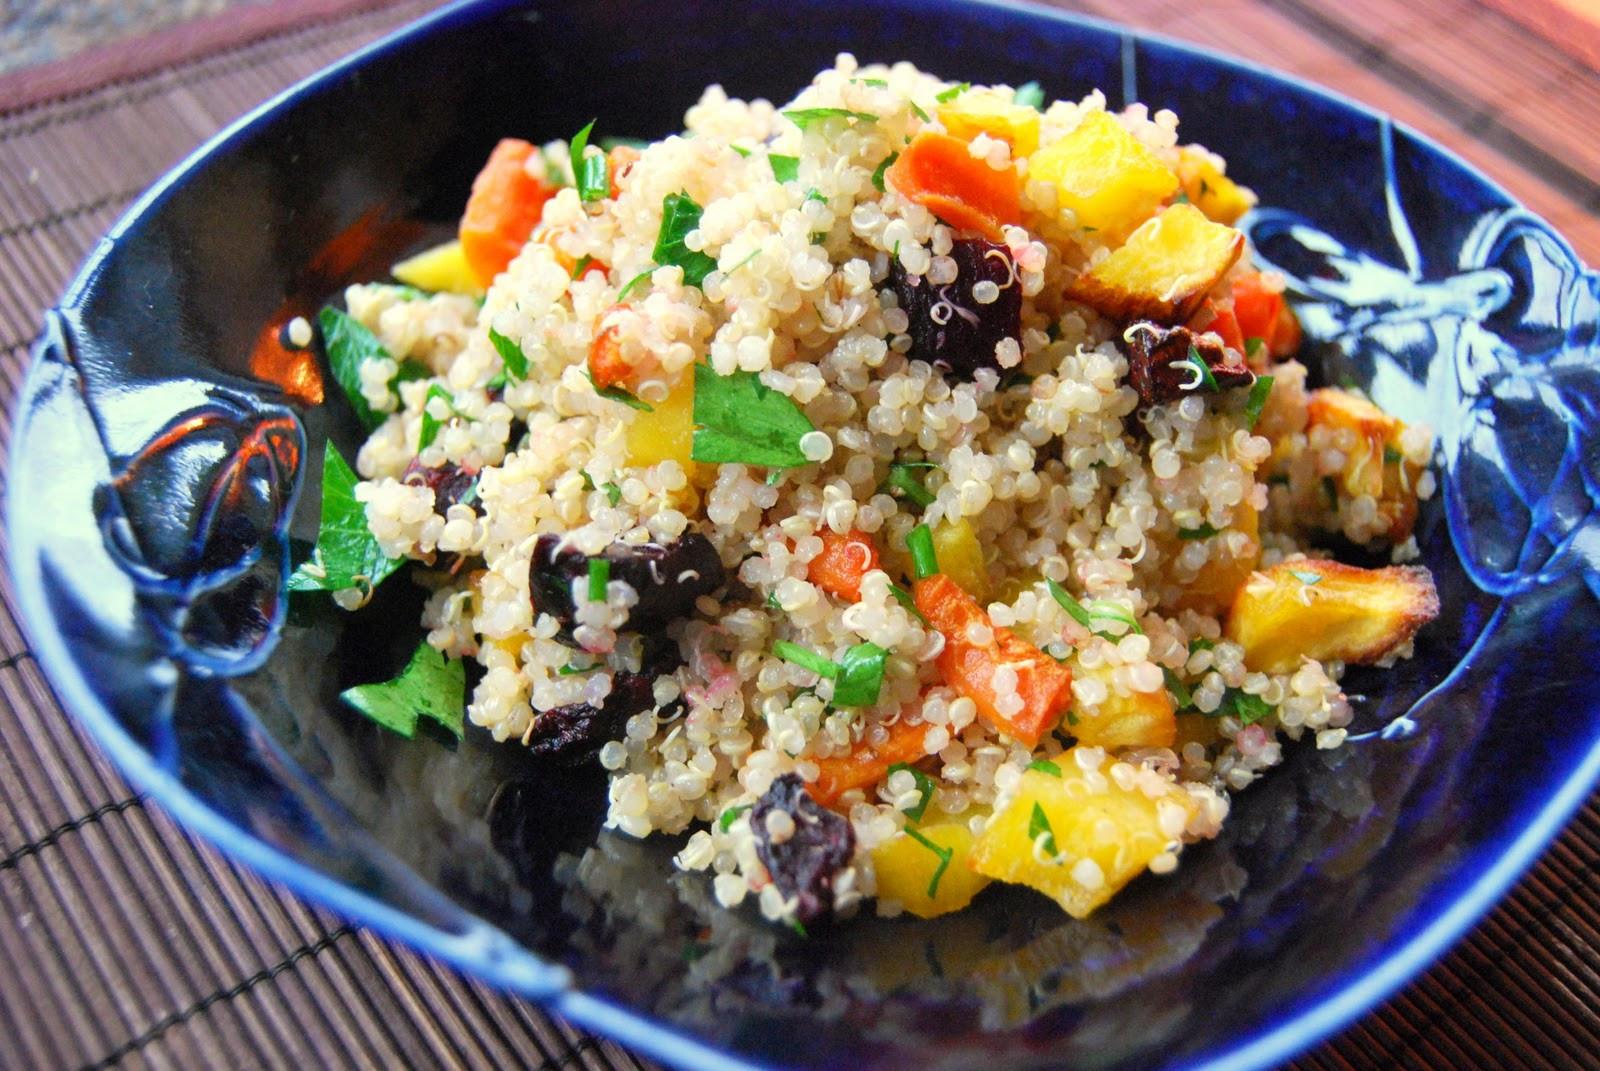 Roasted Vegetable Quinoa Salad  Kirsten s Kitchen of vegan creations Roasted autumn